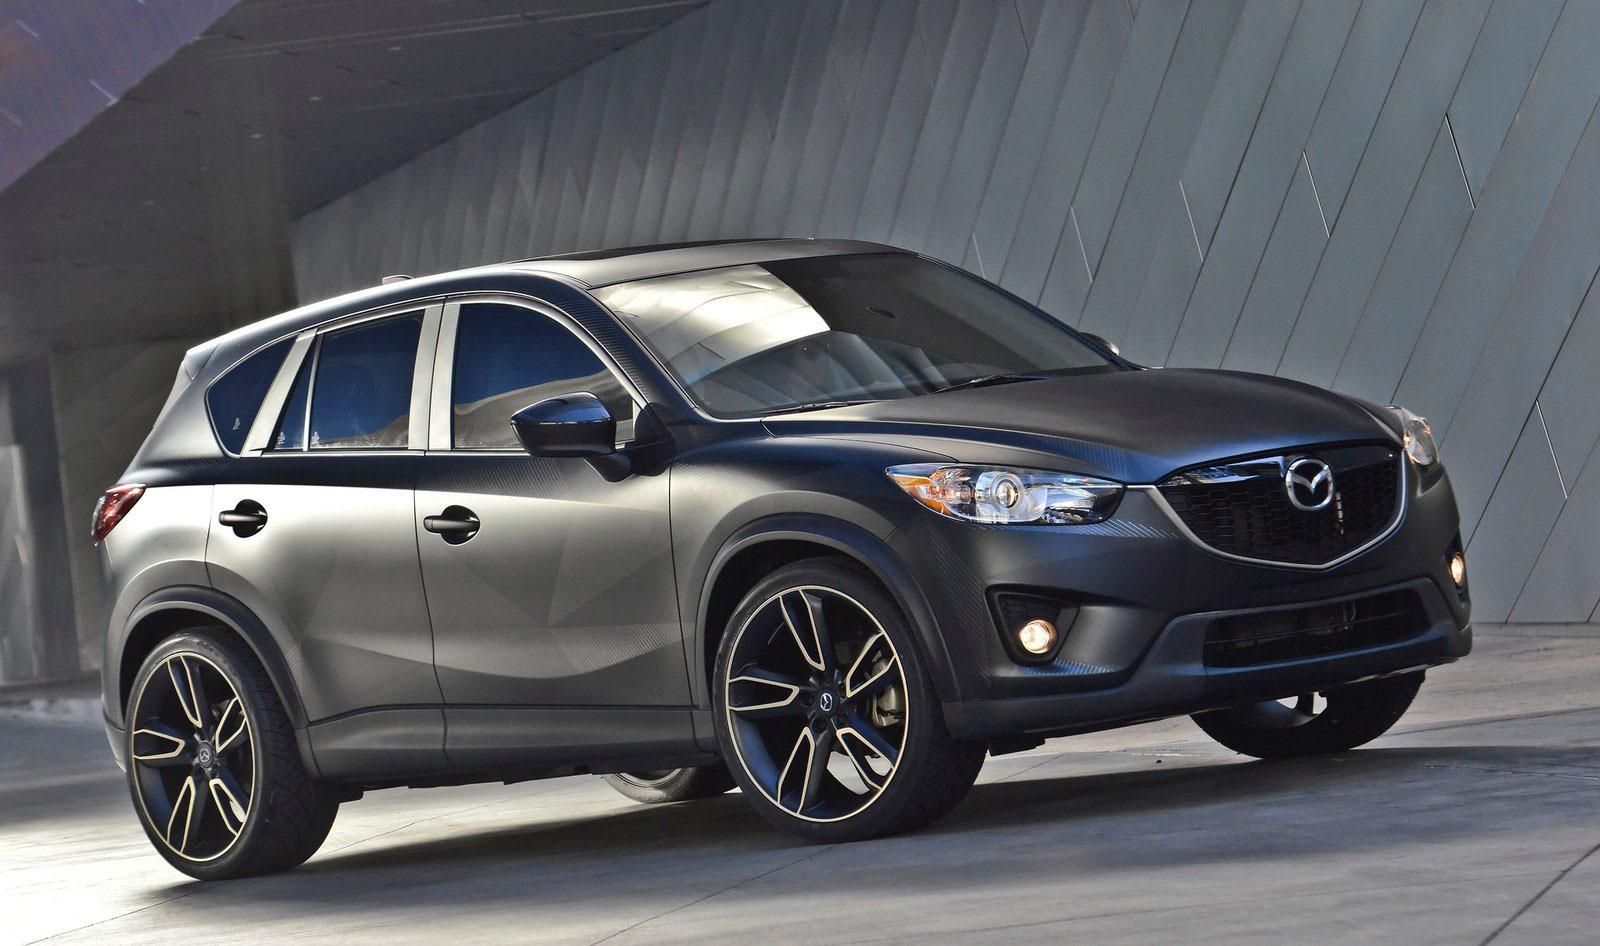 Sema 2012 Mazda Cx 5 Urban Concept Very Stealthy